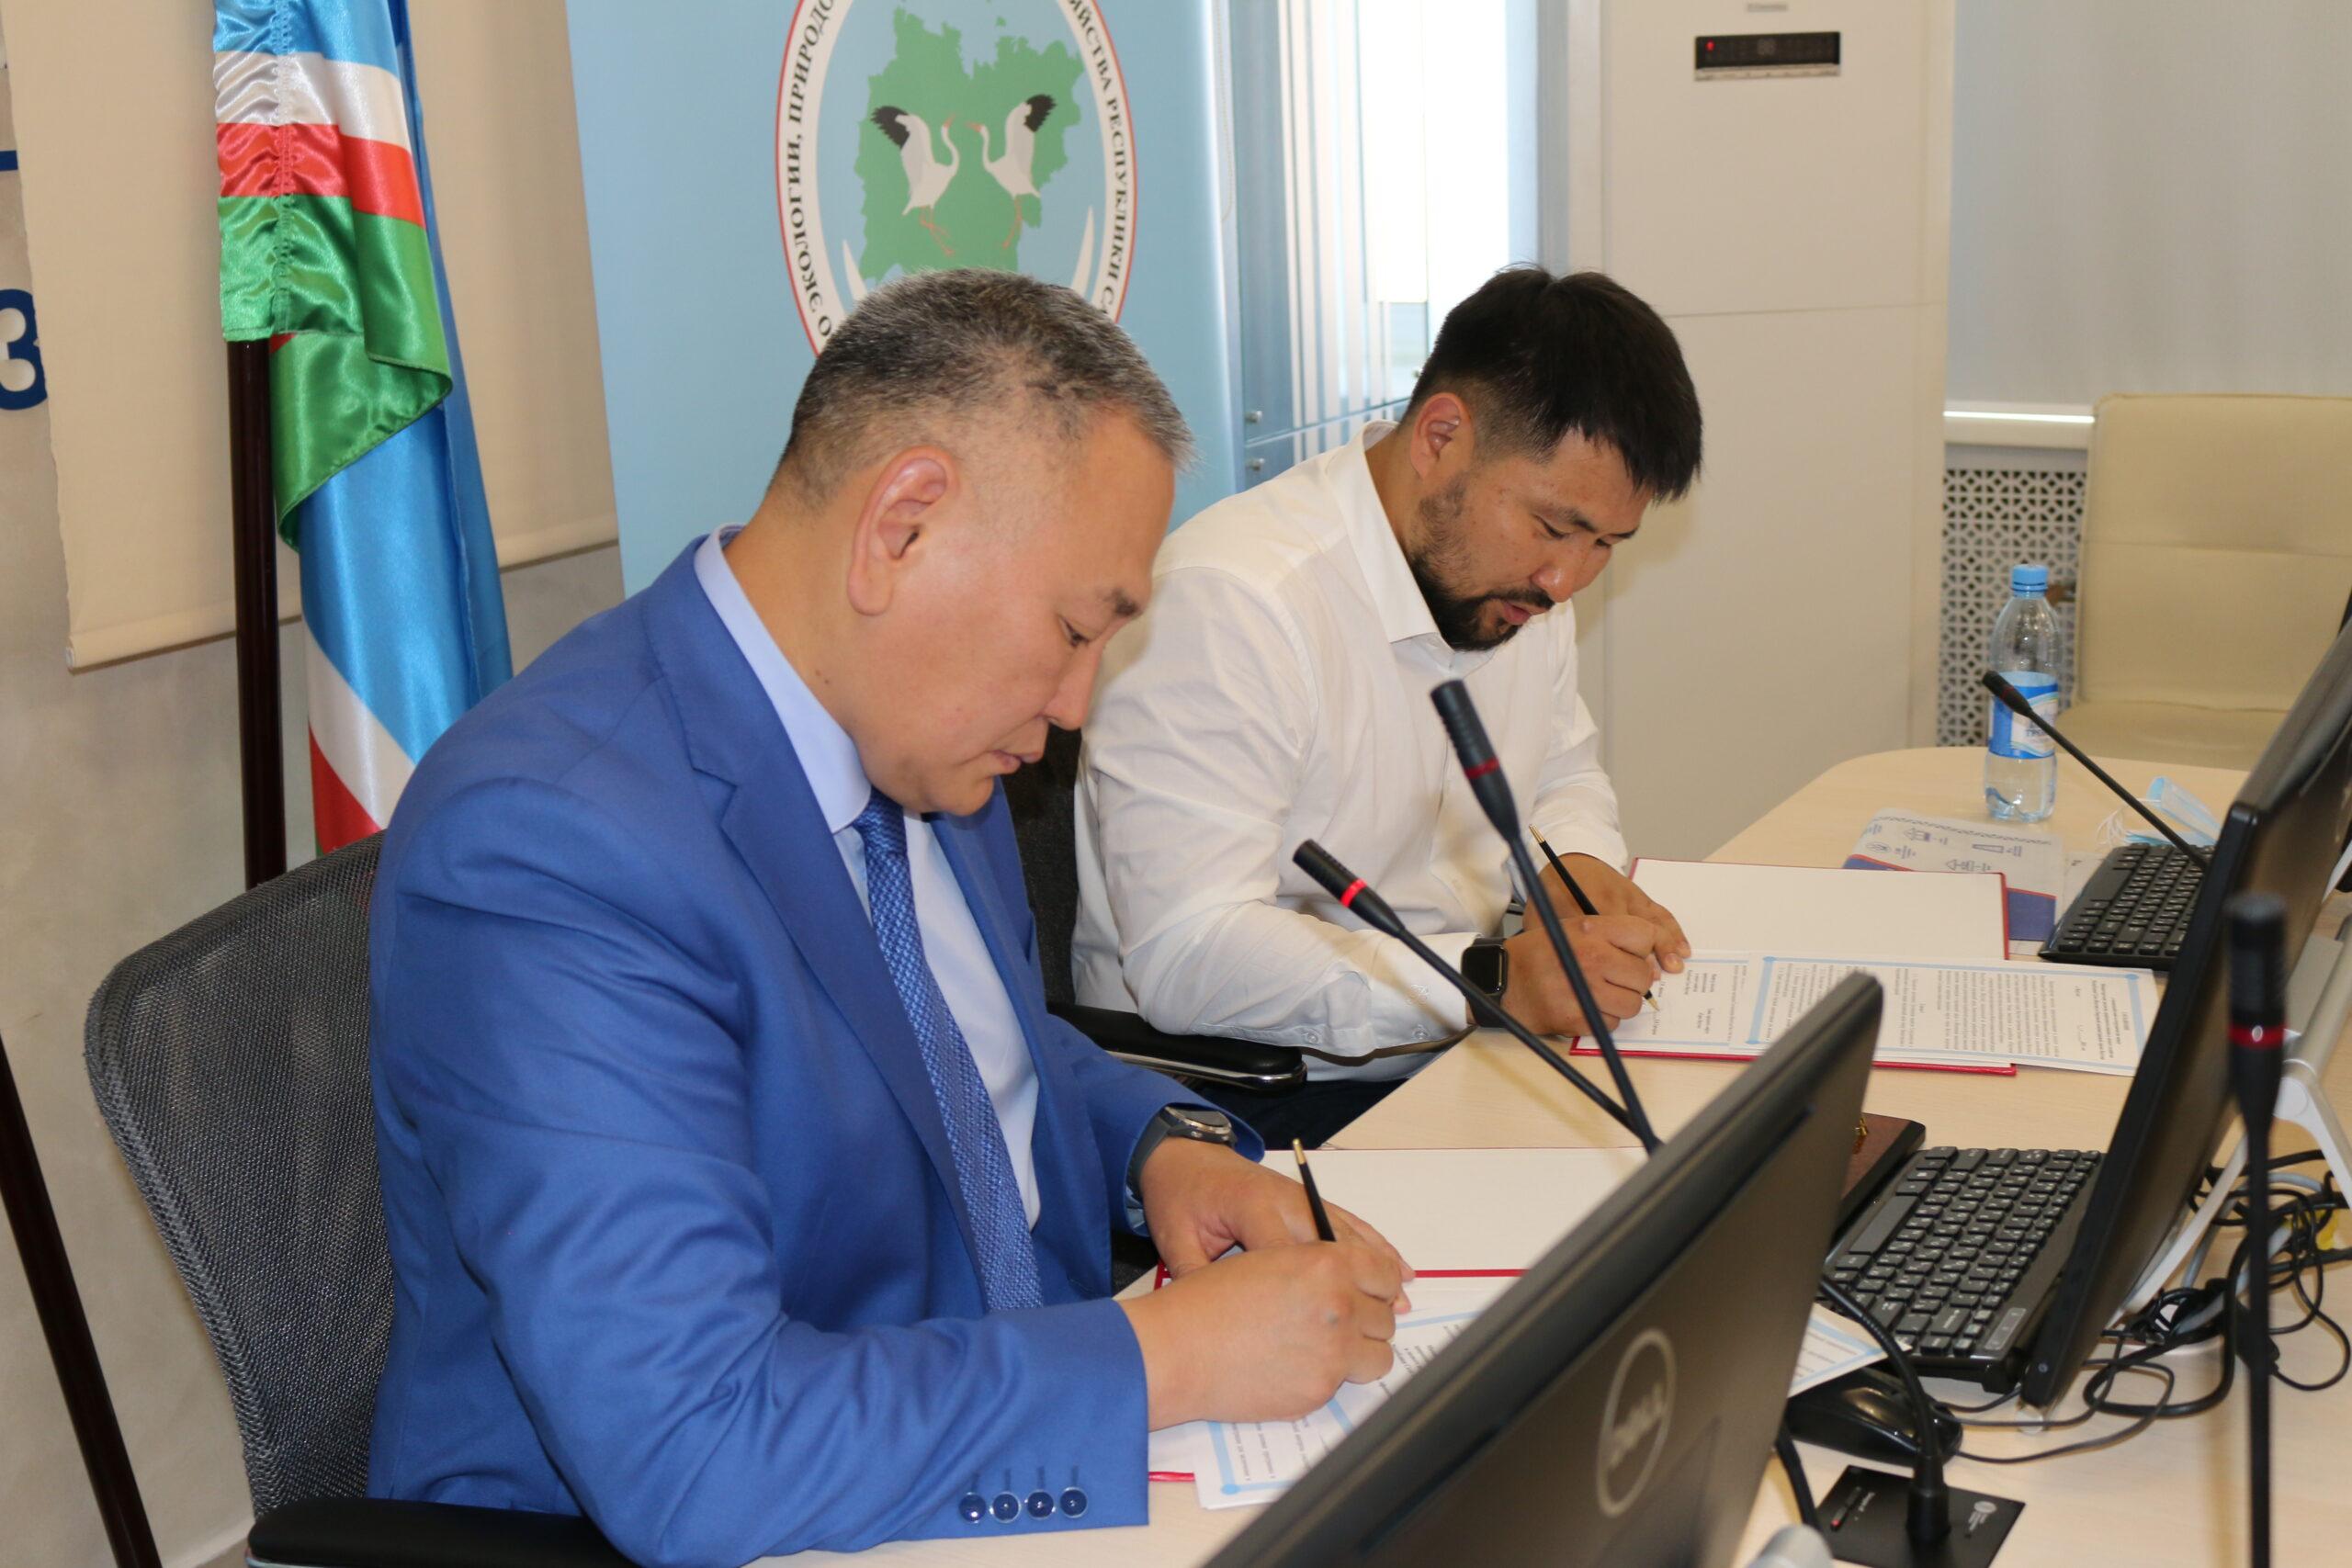 Минэкологии республики подписало соглашение о сотрудничестве с мэрией Якутска